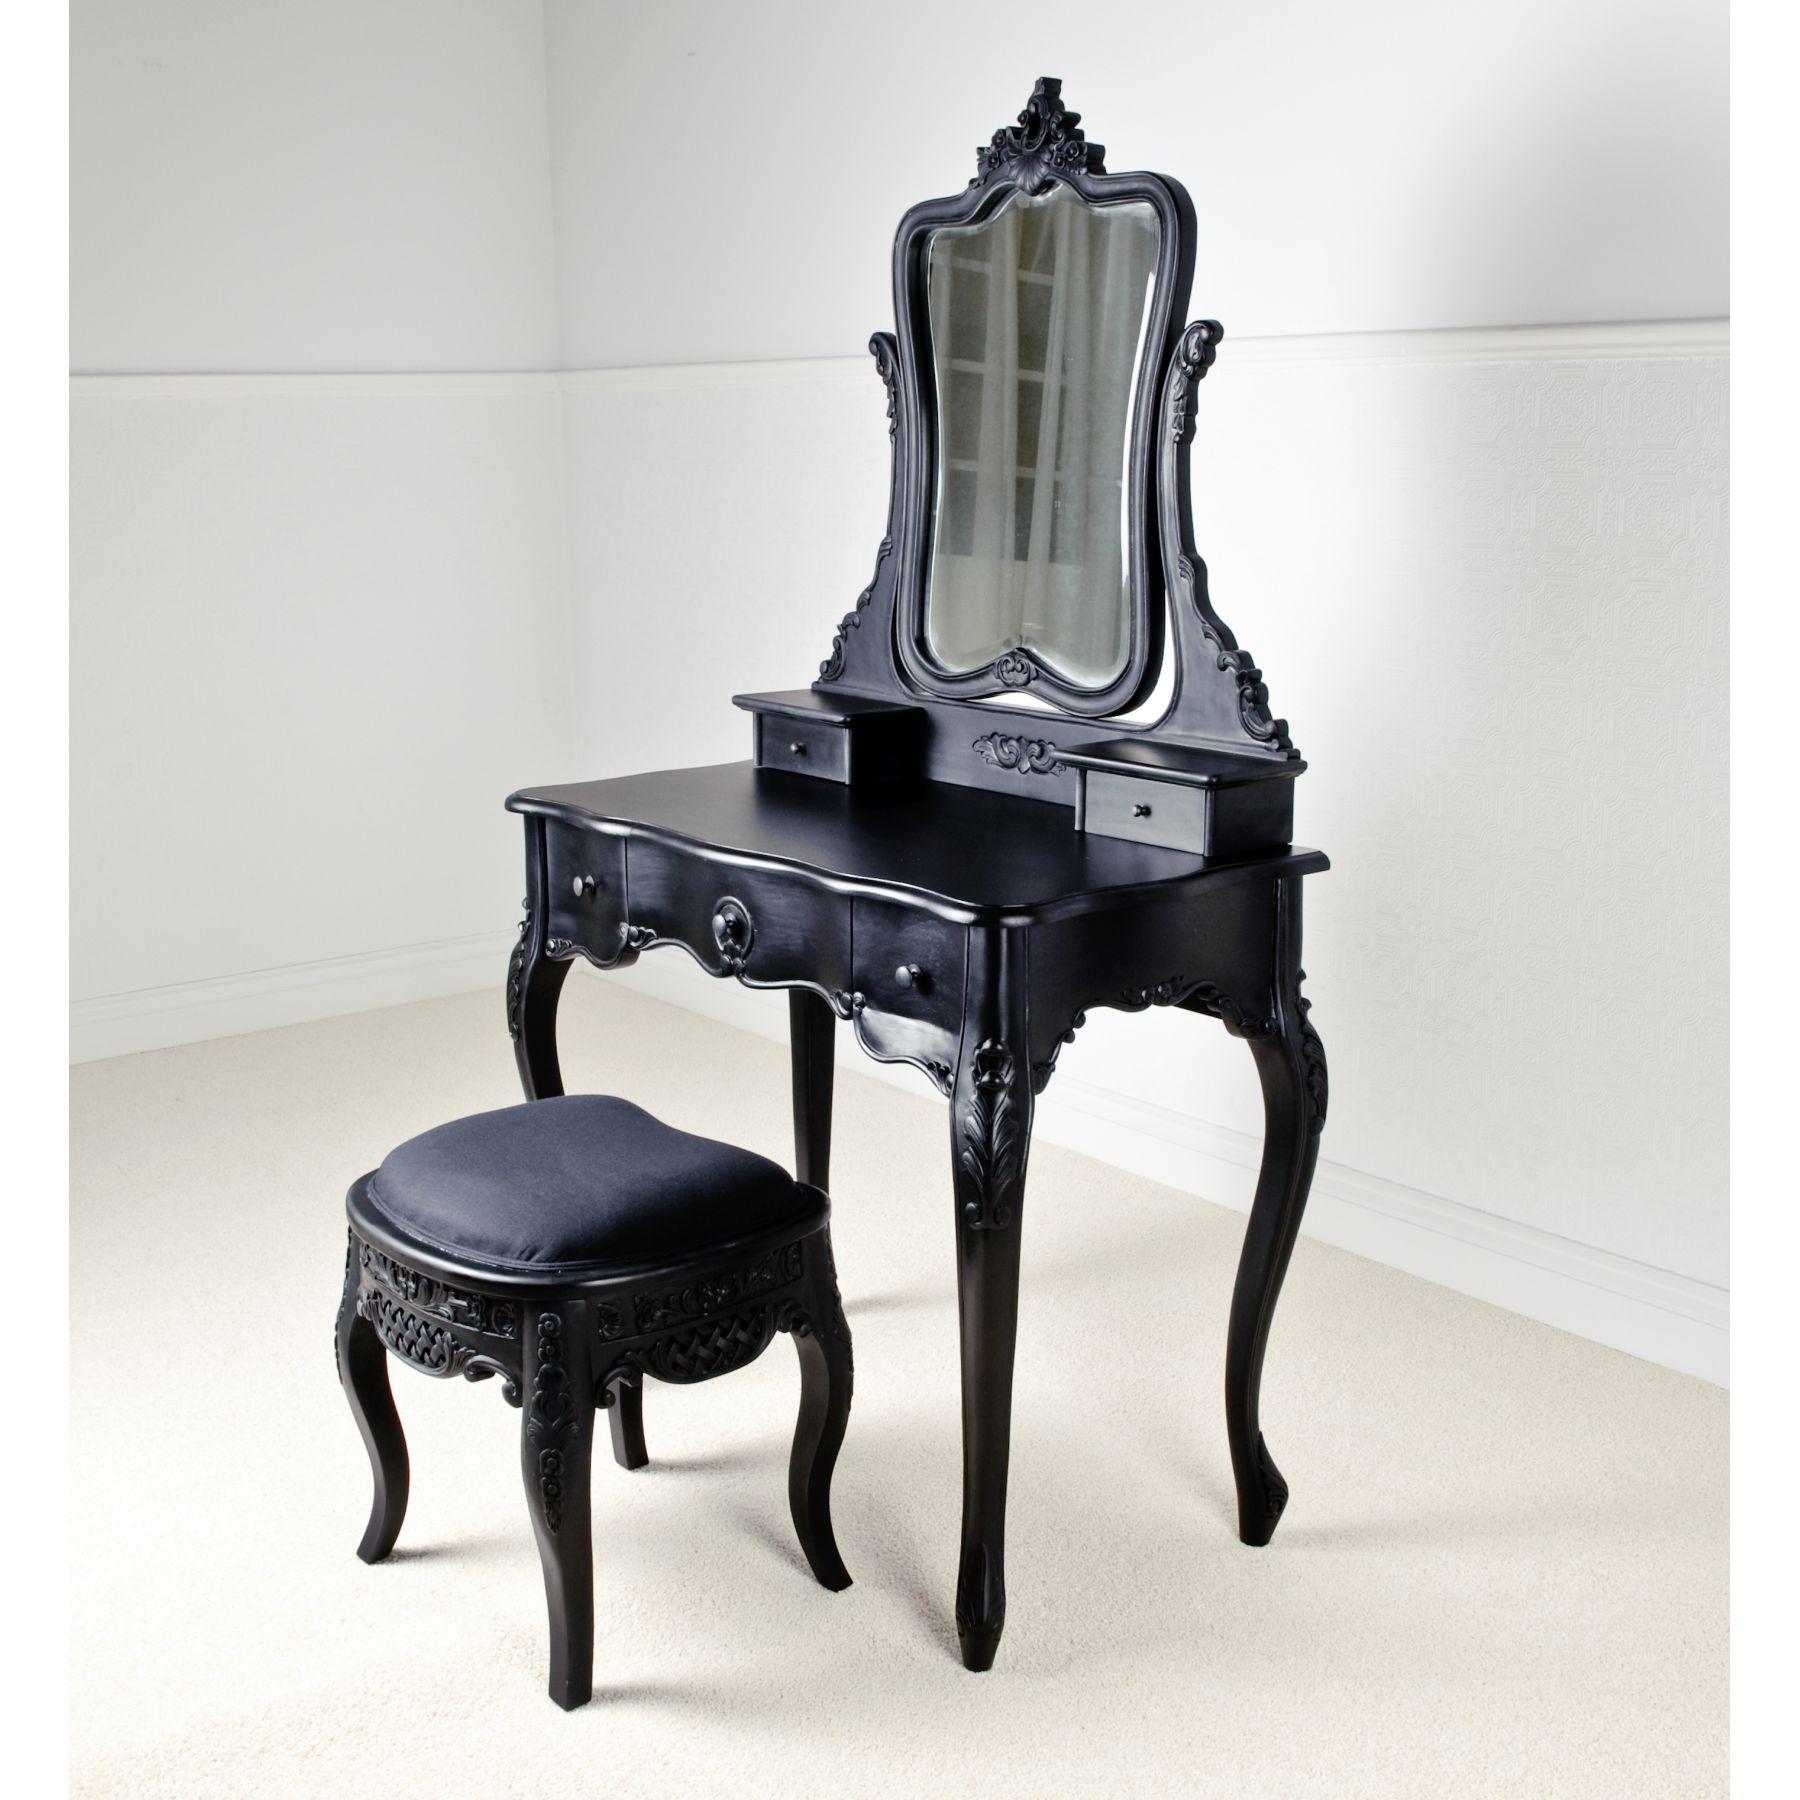 Luxury Dark Vanities For Bedroom (View 1 of 10)